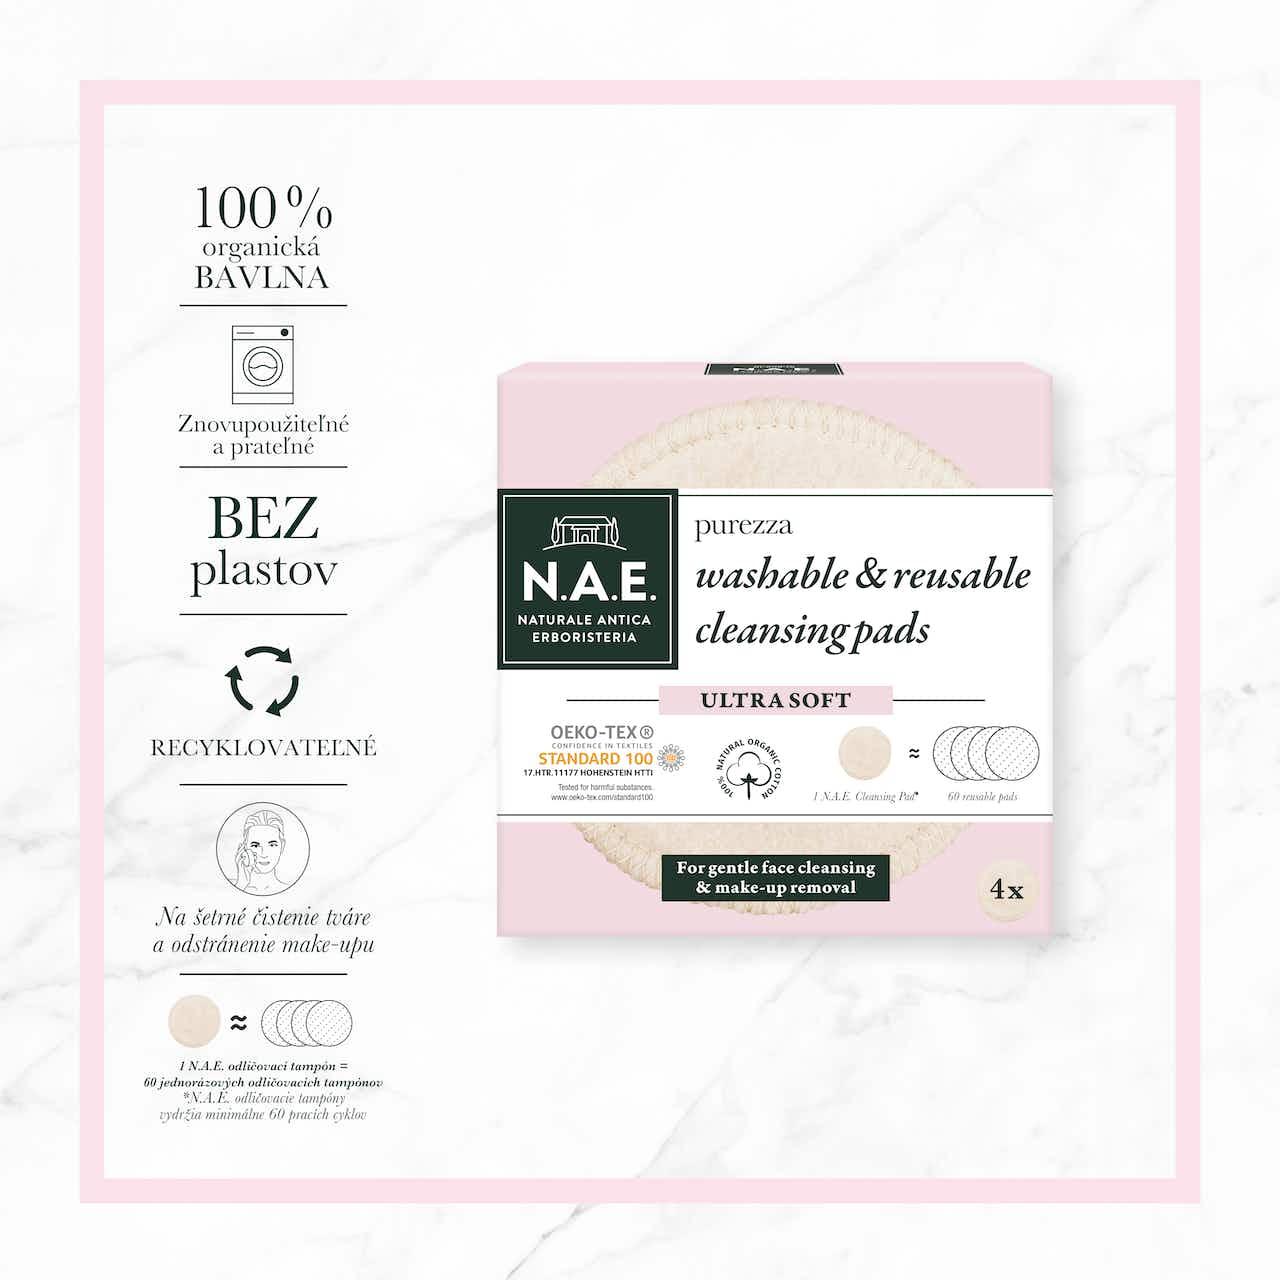 Purezza prateľné a znovupoužiteľné odličovacie tampóny